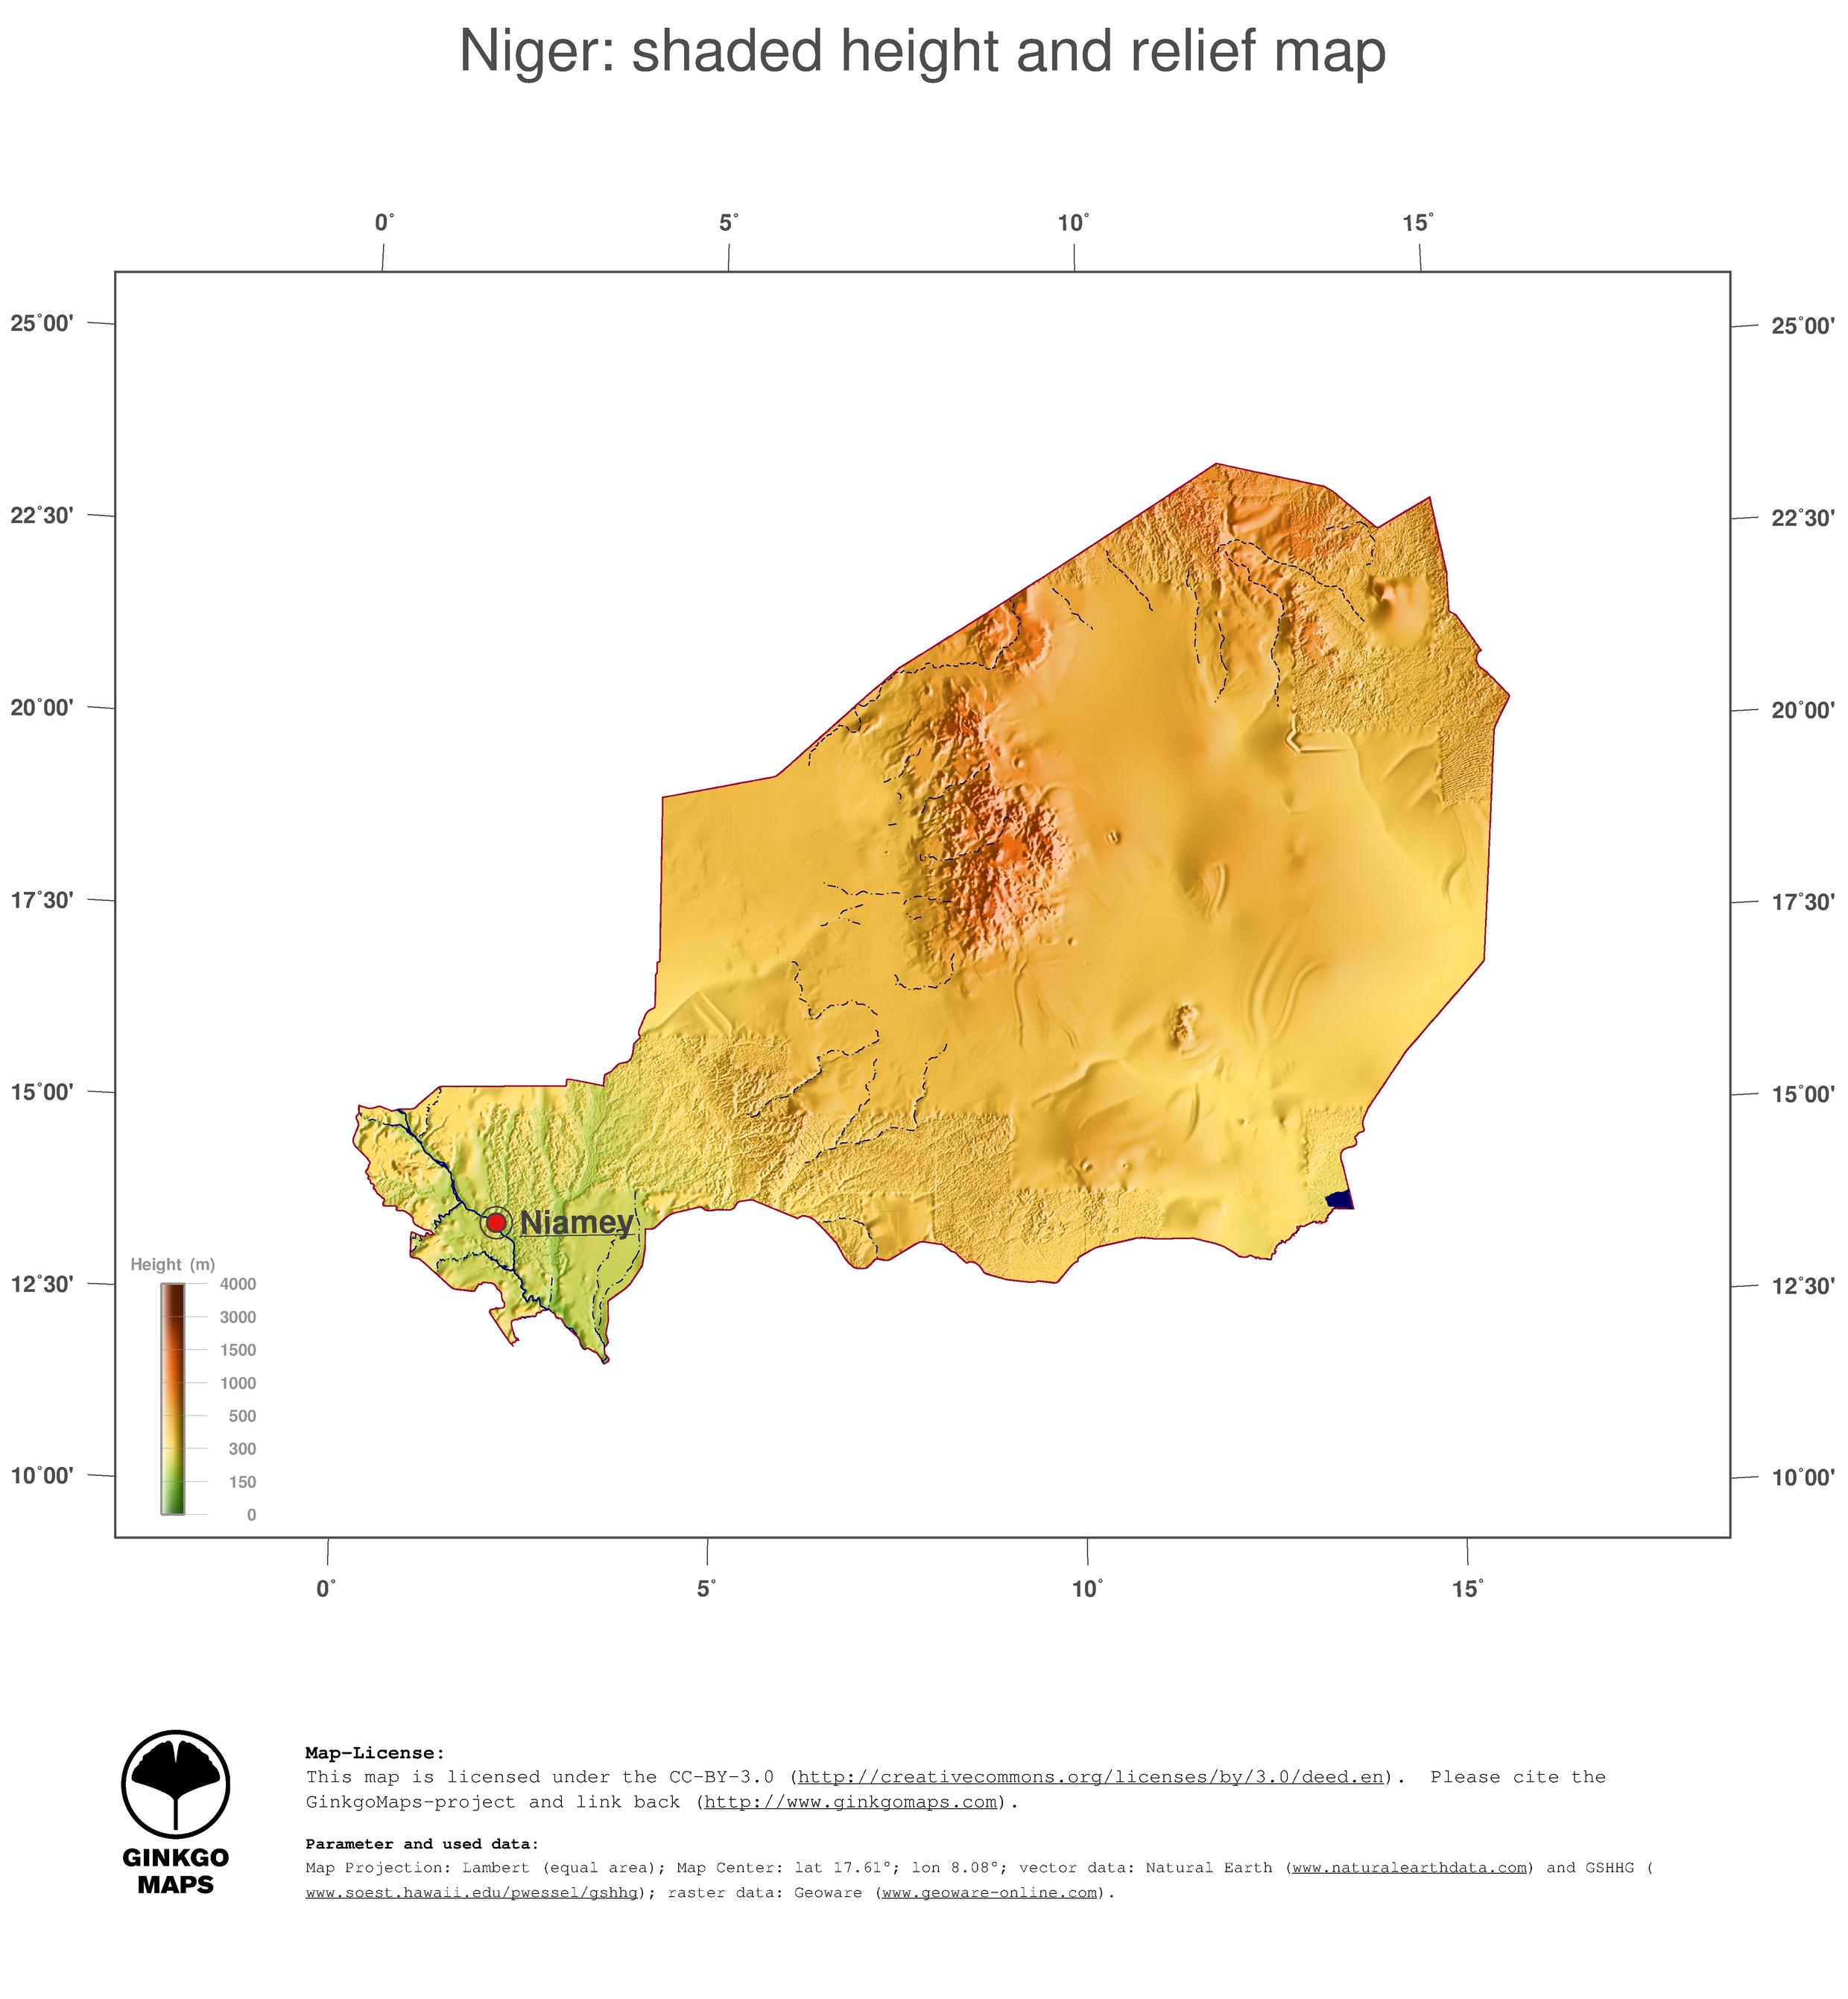 Map Niger GinkgoMaps continent Africa region Niger